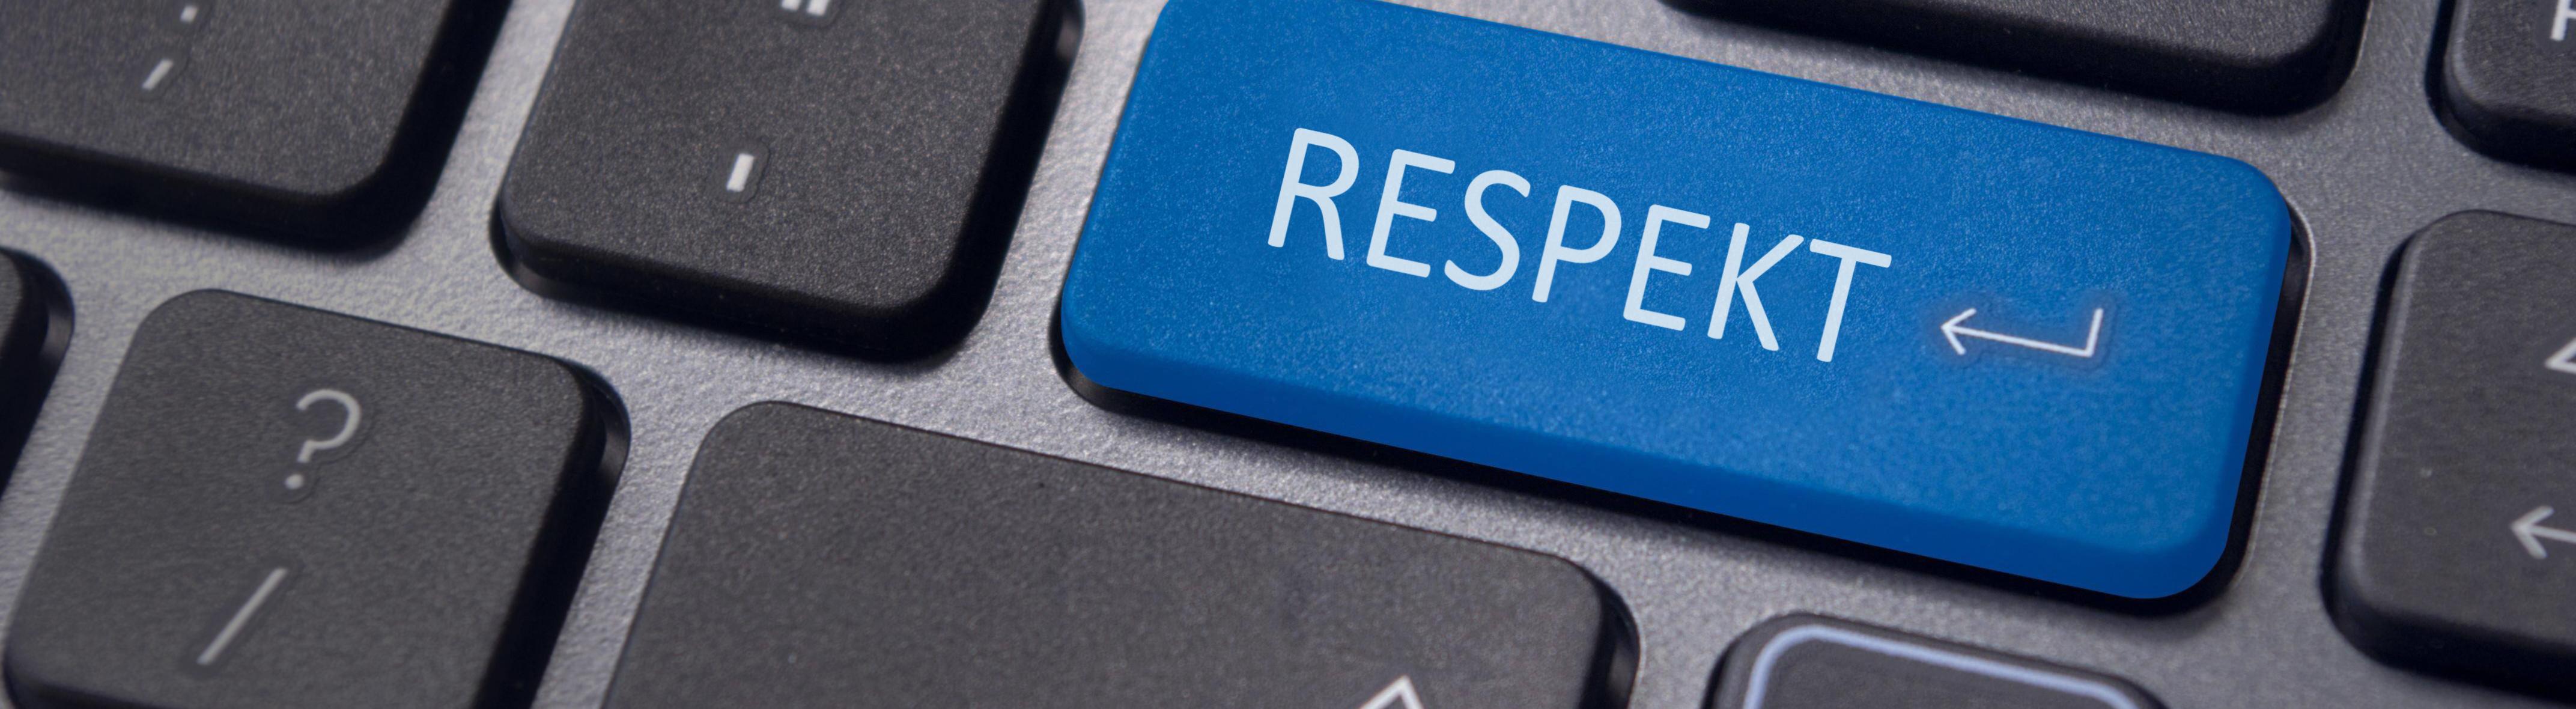 Ein Respekt-Button auf einer Computer-Tastatur